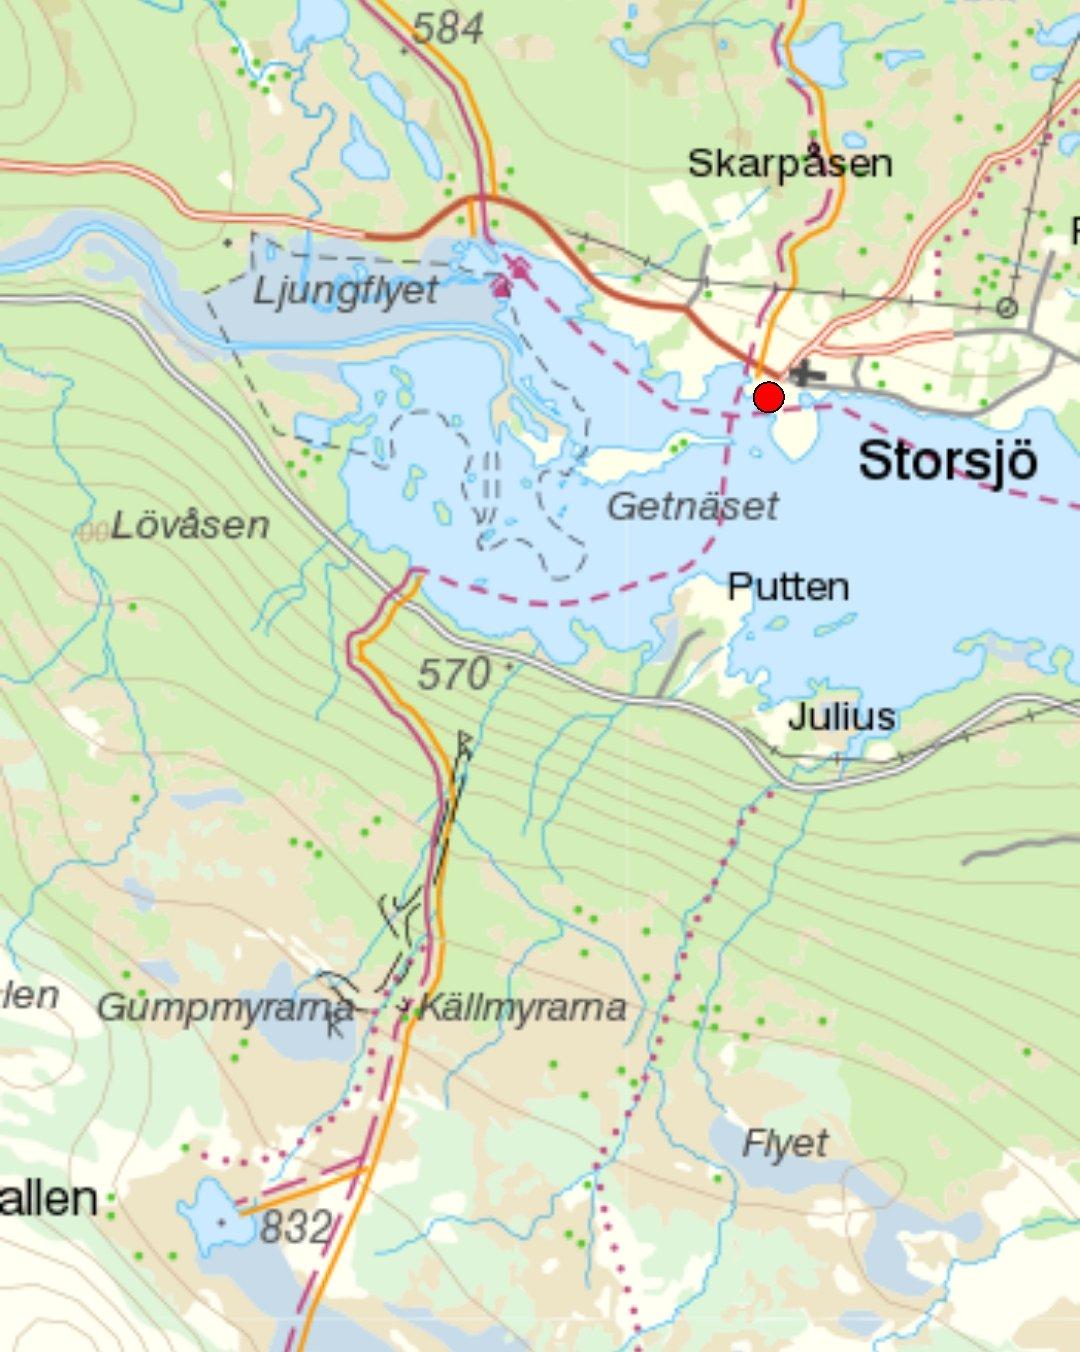 Storsjö fångstgropsystem